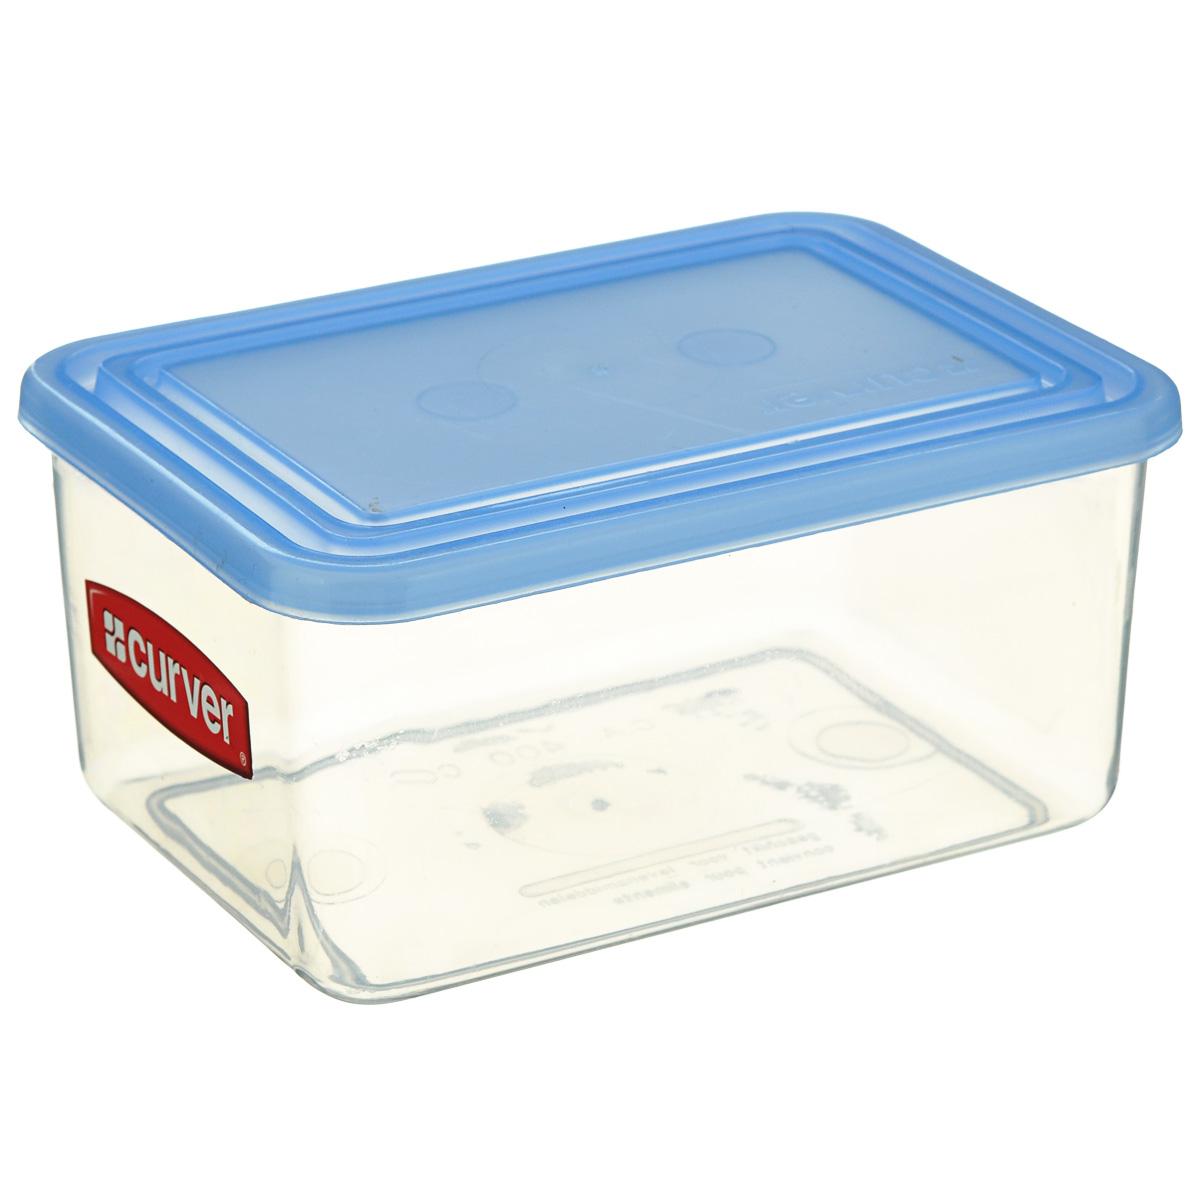 Емкость для заморозки и СВЧ Curver, цвет: голубой, 1,2 л03872-084-66Емкость для заморозки и СВЧ Curver изготовлена из высококачественного пищевого пластика. Стенки емкости прозрачные, а крышка цветная. Она плотно закрывается, дольше сохраняя продукты свежими. Емкость удобно брать с собой на работу, учебу, пикник и дачу.Можно использовать в микроволновой печи и для заморозки в морозильной камере.